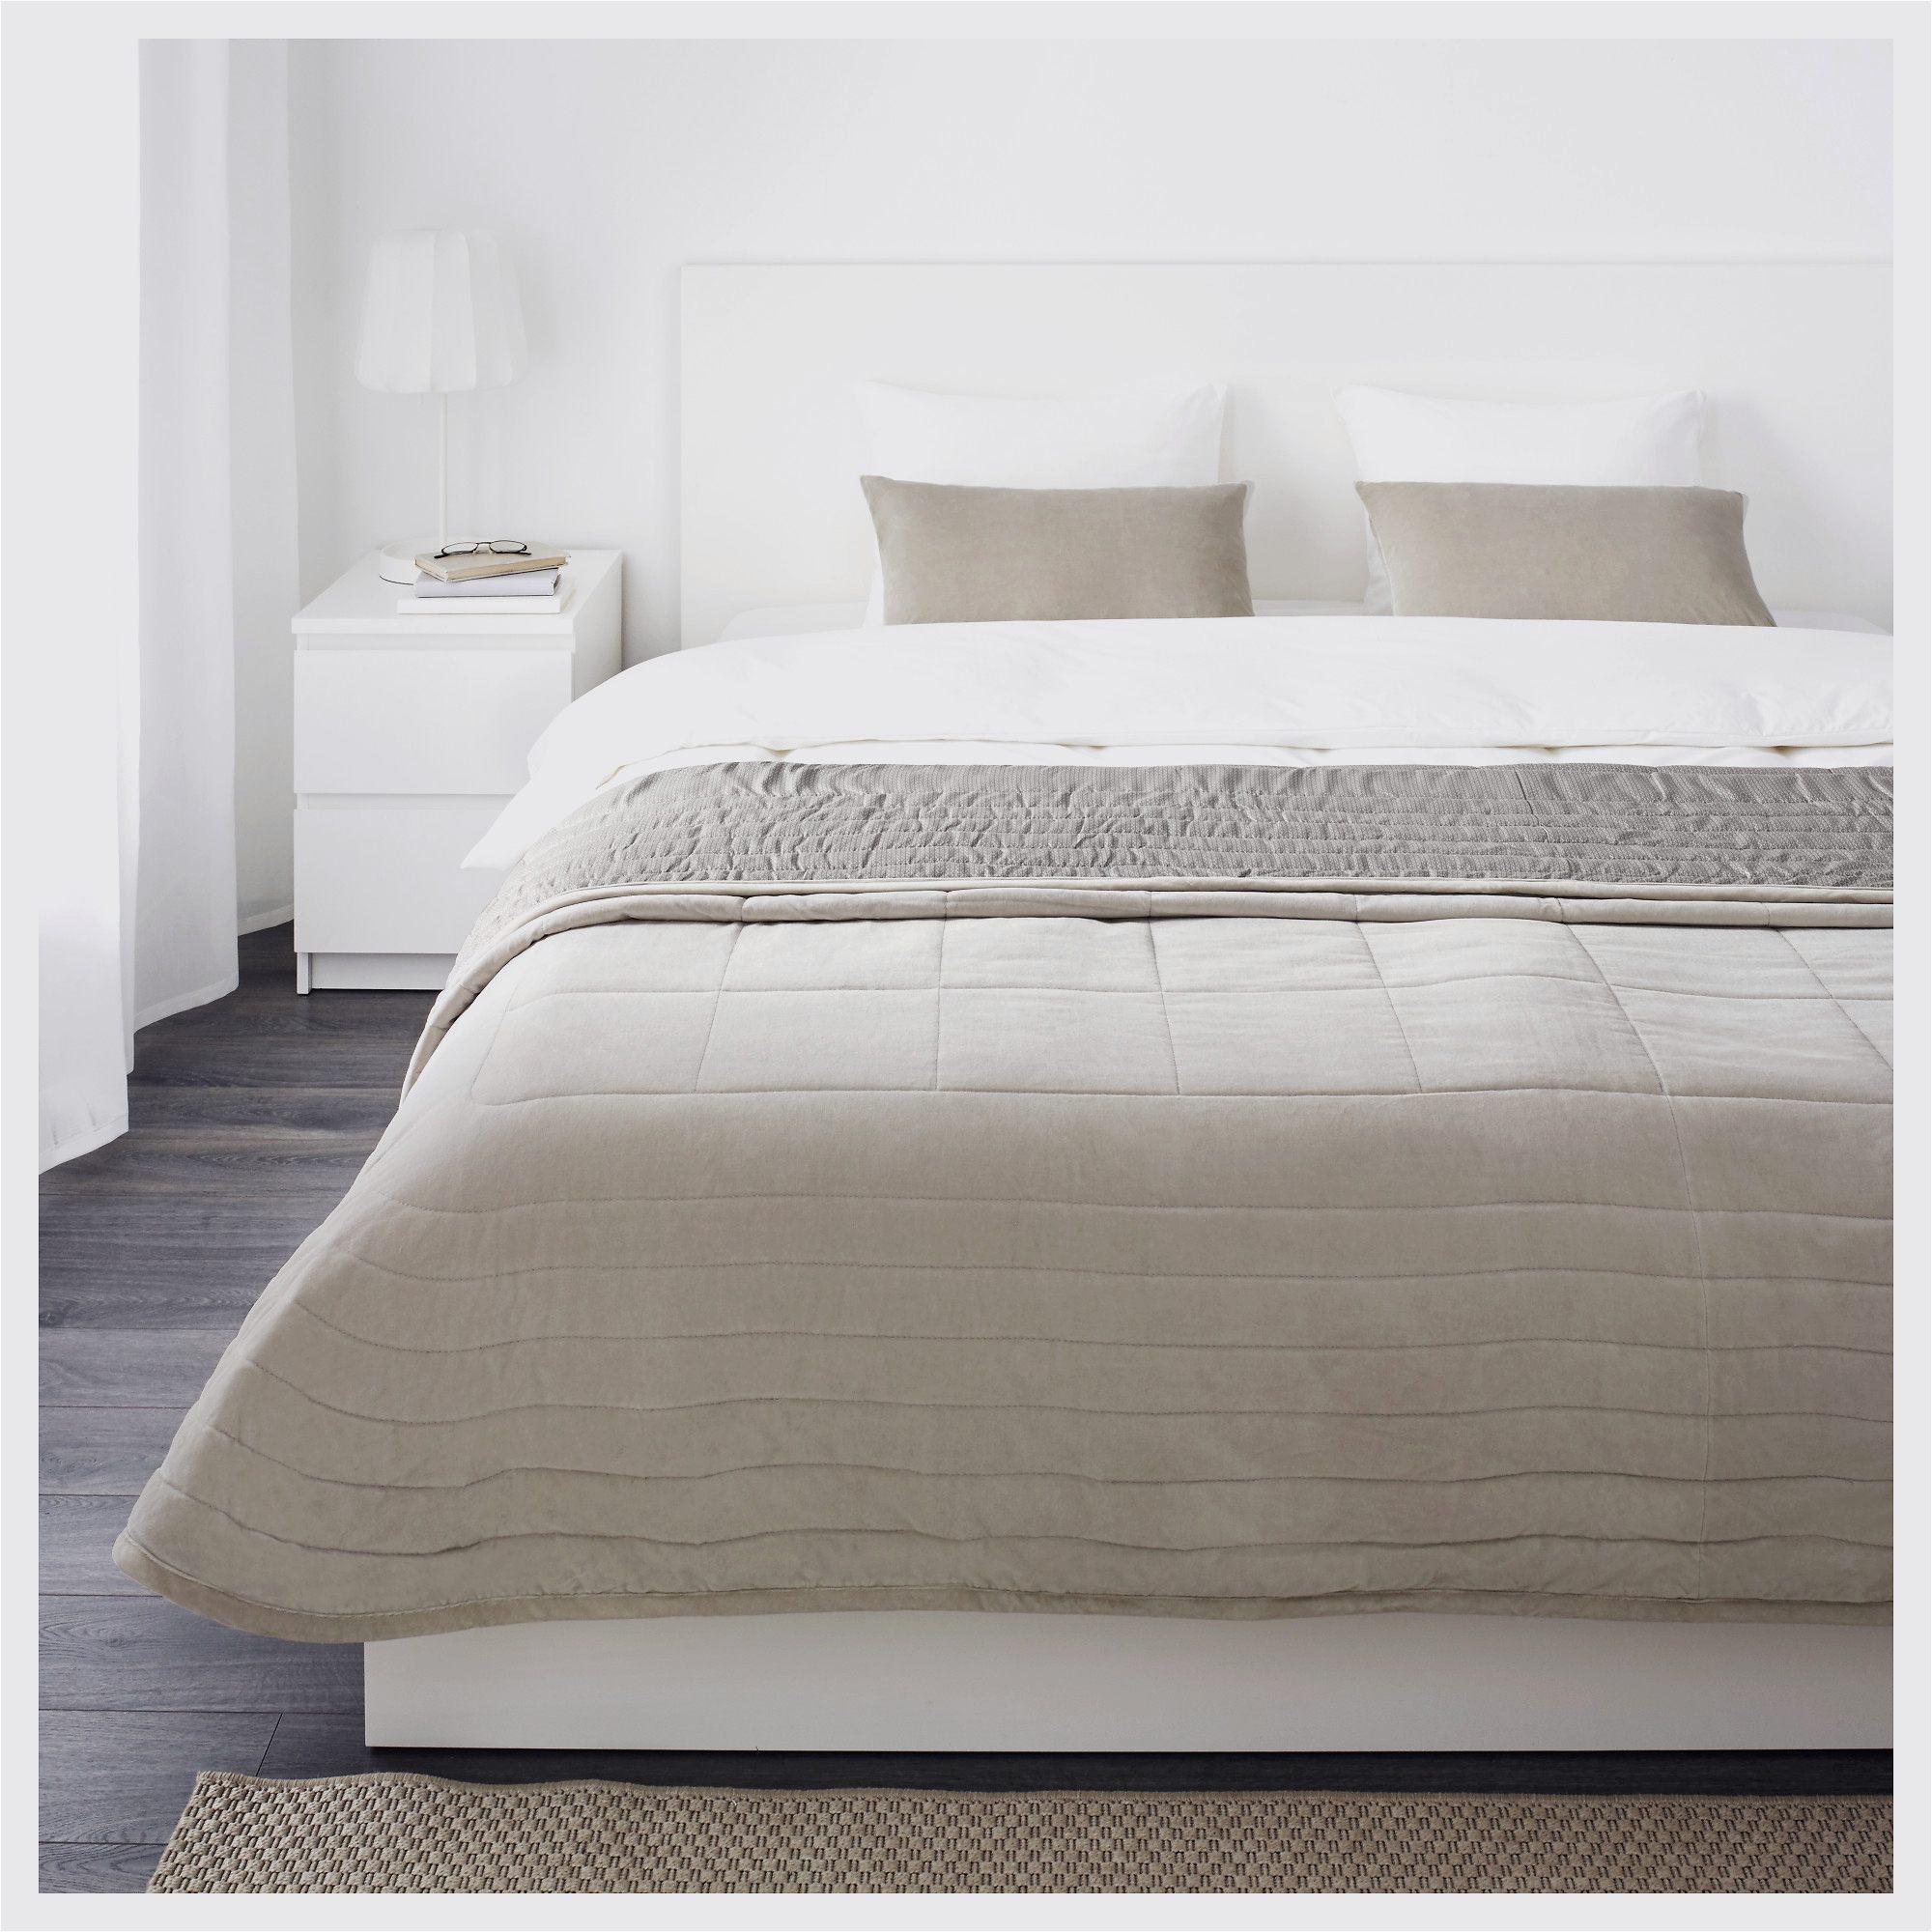 Lit Ikea Rangement Génial Belle Etagere Tete De Lit Ikea  Rangement Tete De Lit Nouveau Tete